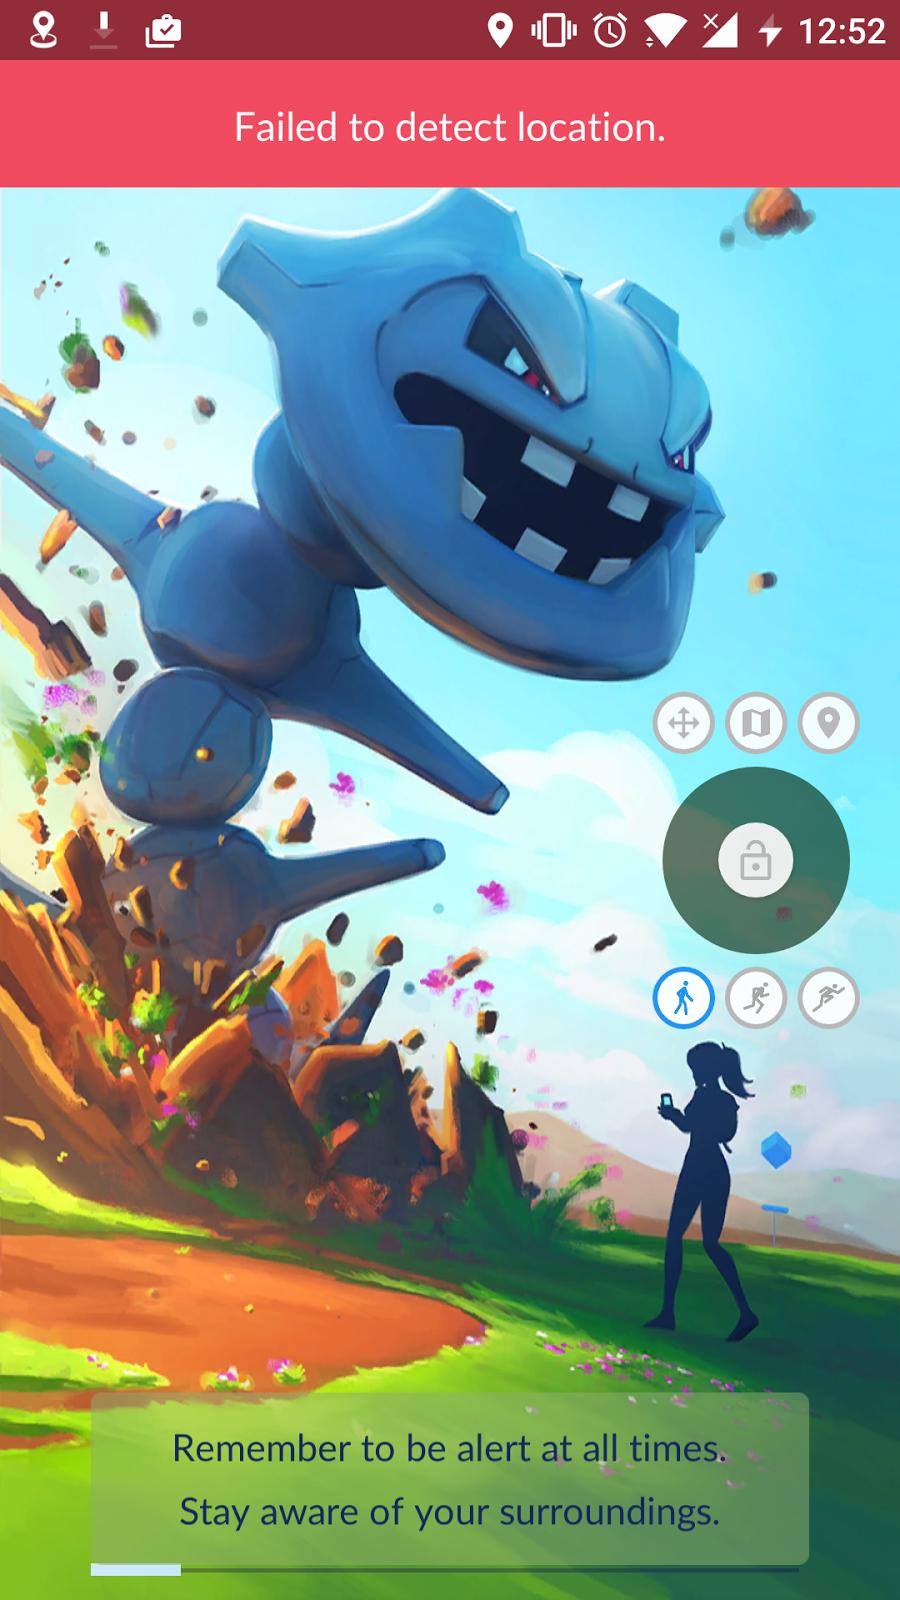 ¡Duro golpe al spoofing en Pokémon GO!, adiós a los saltos en Android 7.1